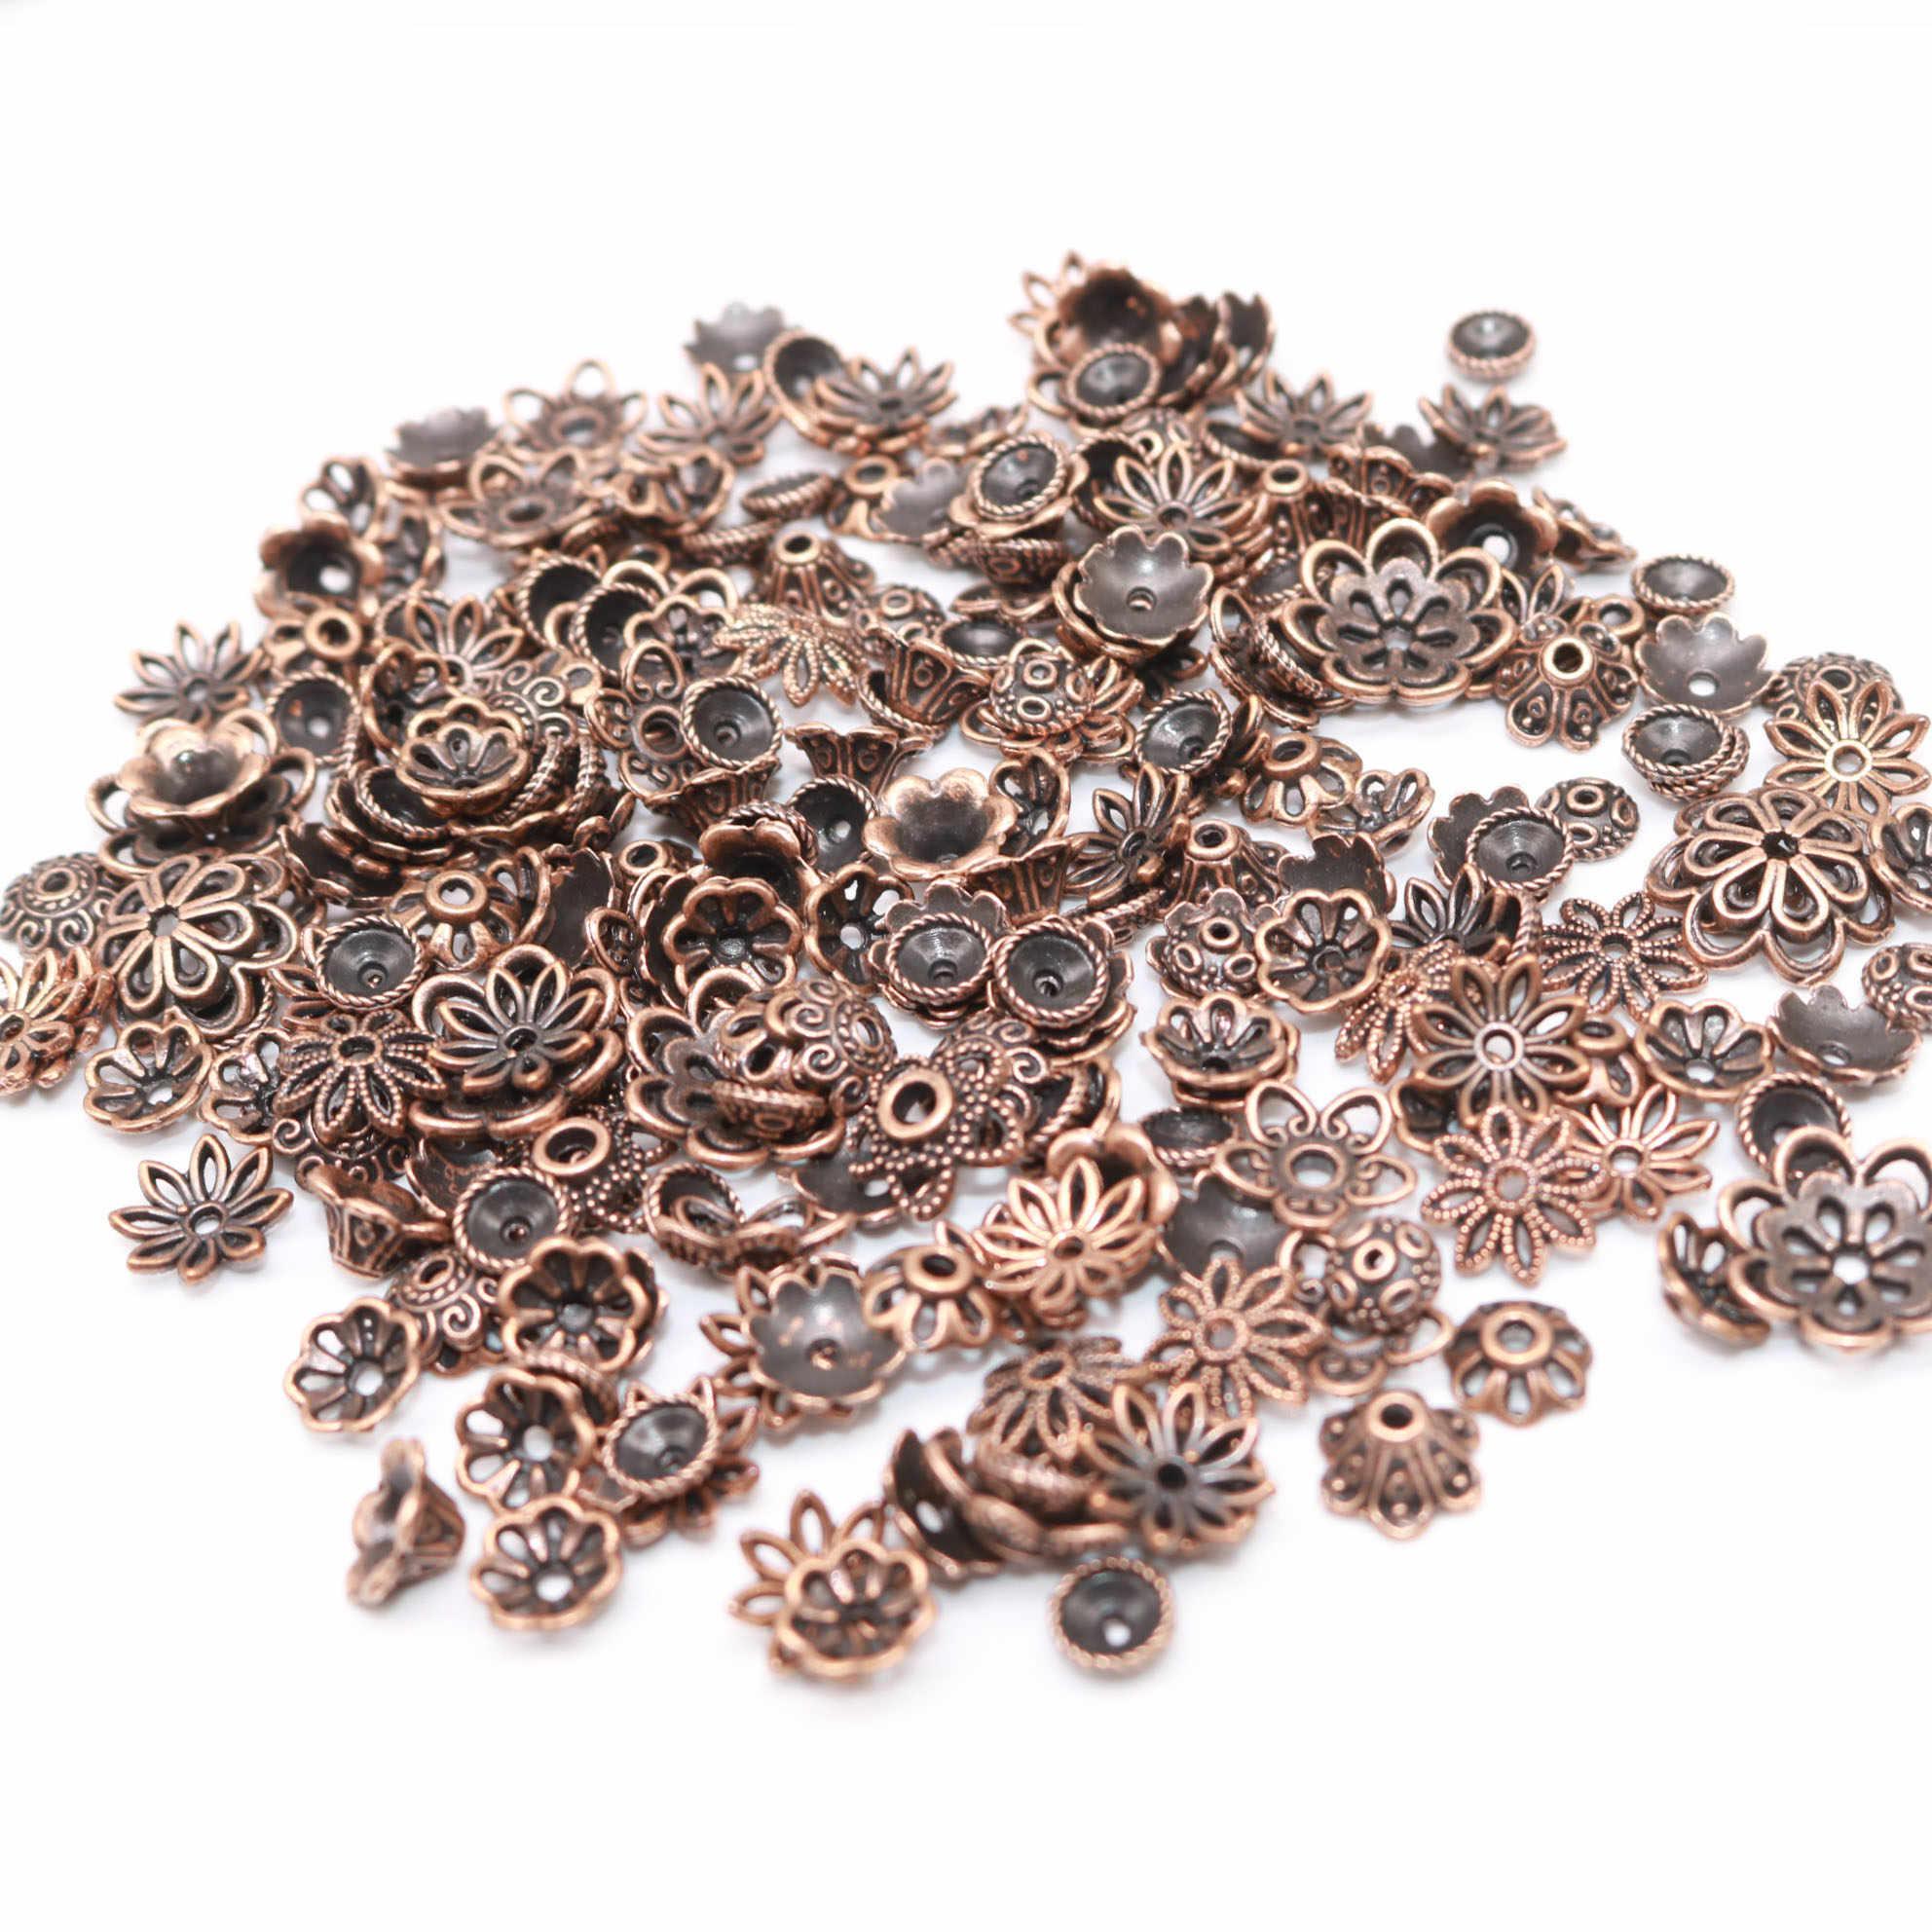 50/100 sztuk mieszane rozmiar tybetański antyczne srebro kolor kwiatowy koralik robótki Diy akcesoria zaślepki do komponenty do wyrobu biżuterii